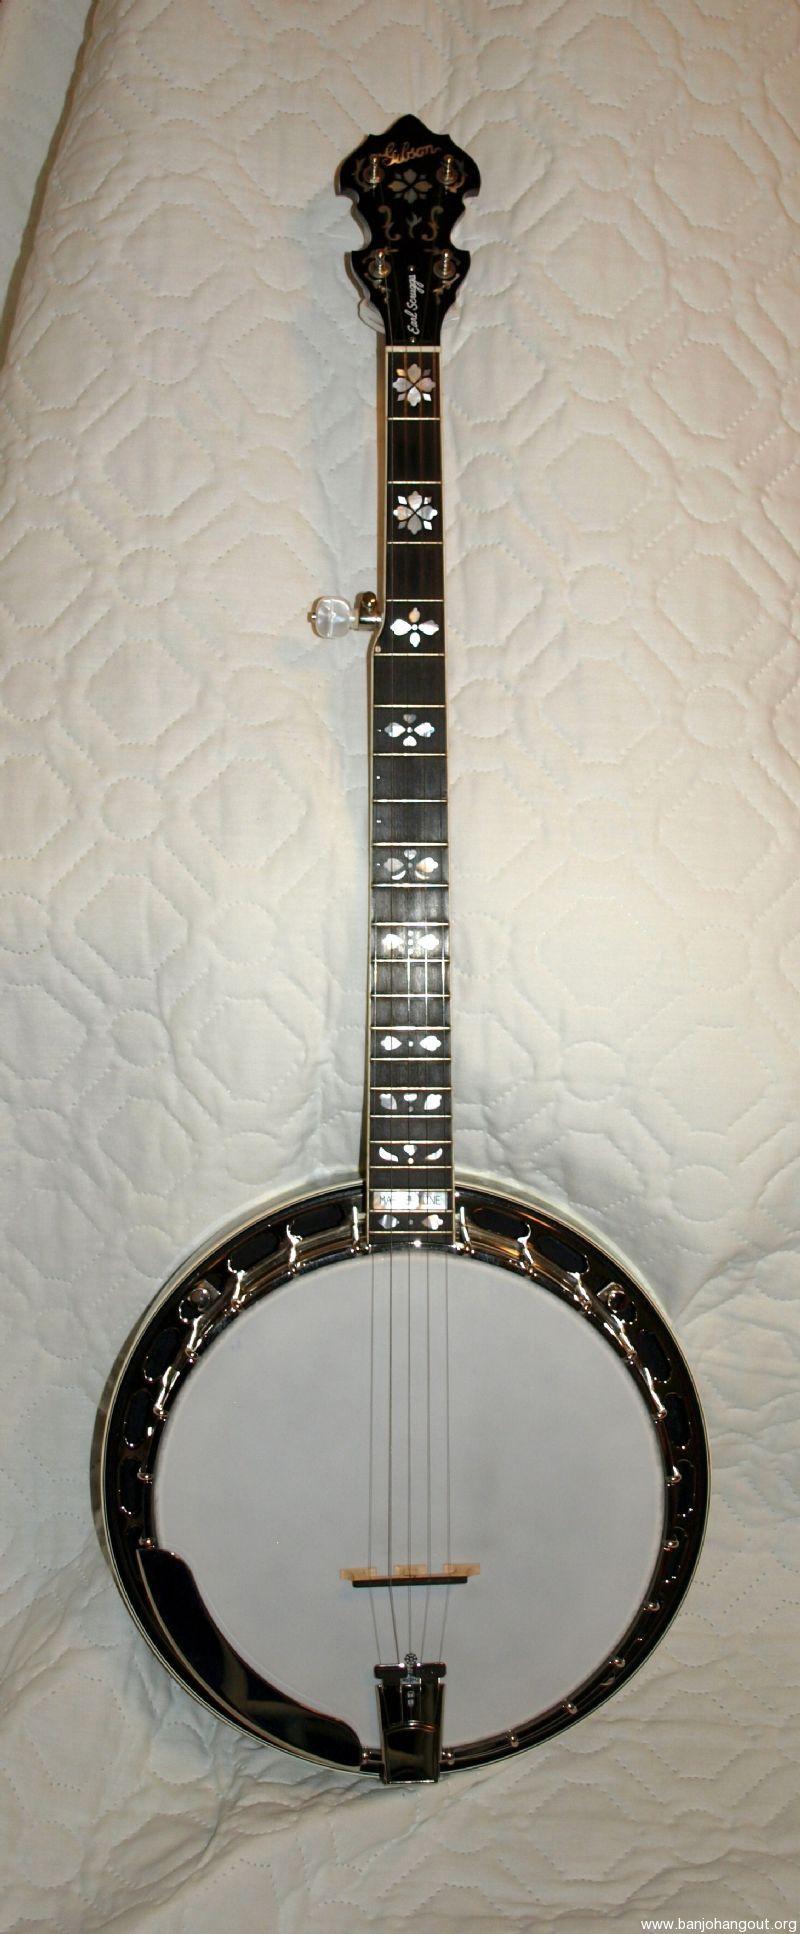 Gibson Mastertone Earl Scruggs Model Banjo Used Banjo For Sale At